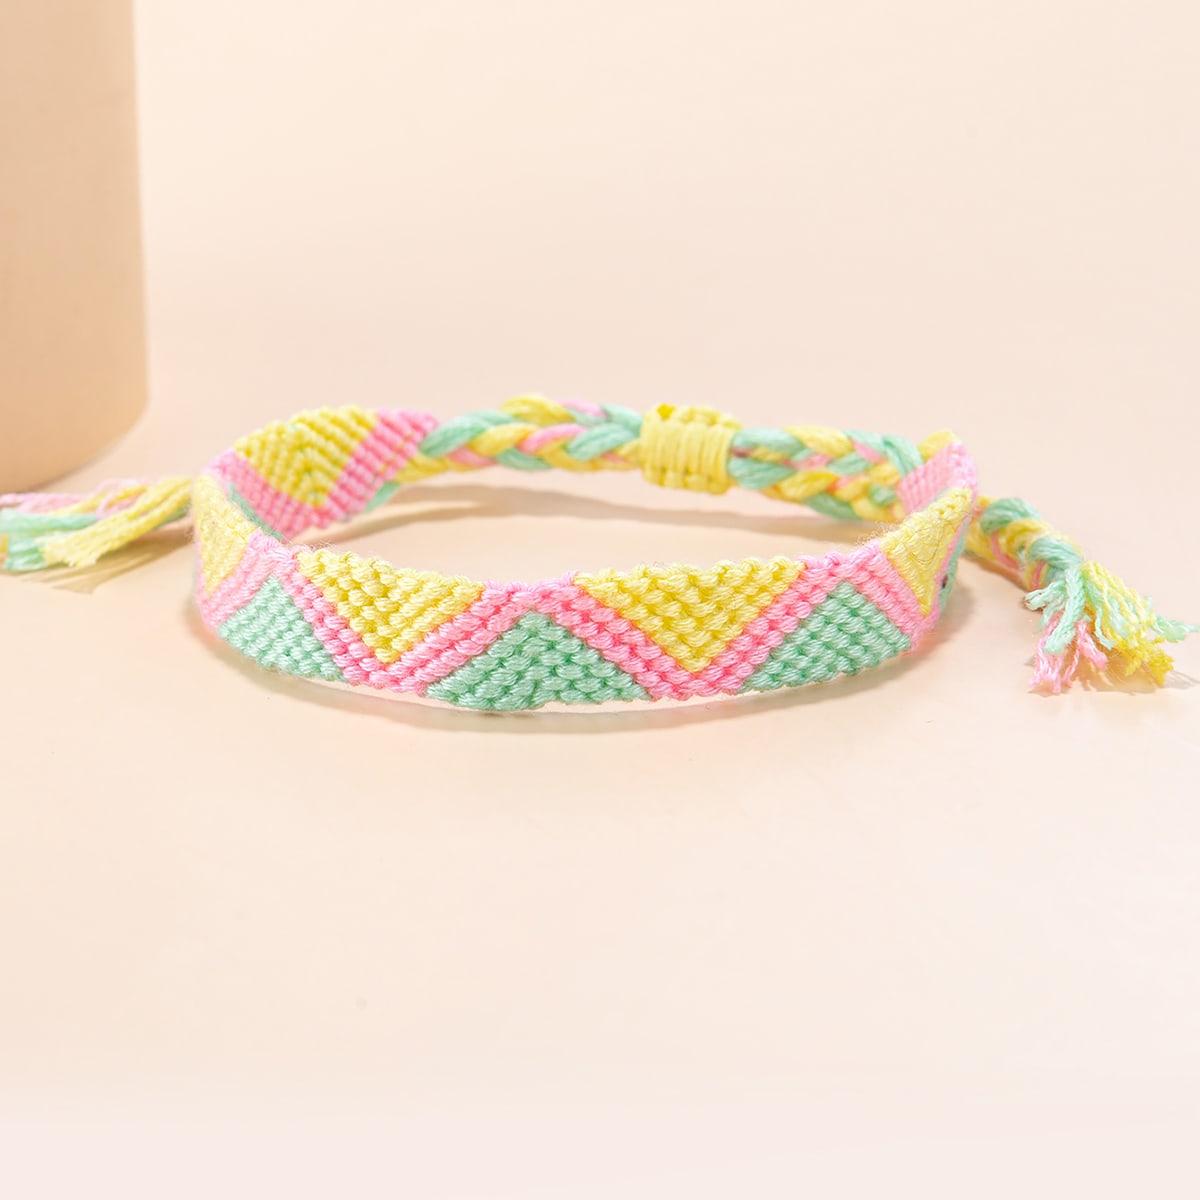 Разноцветный плетеный браслет